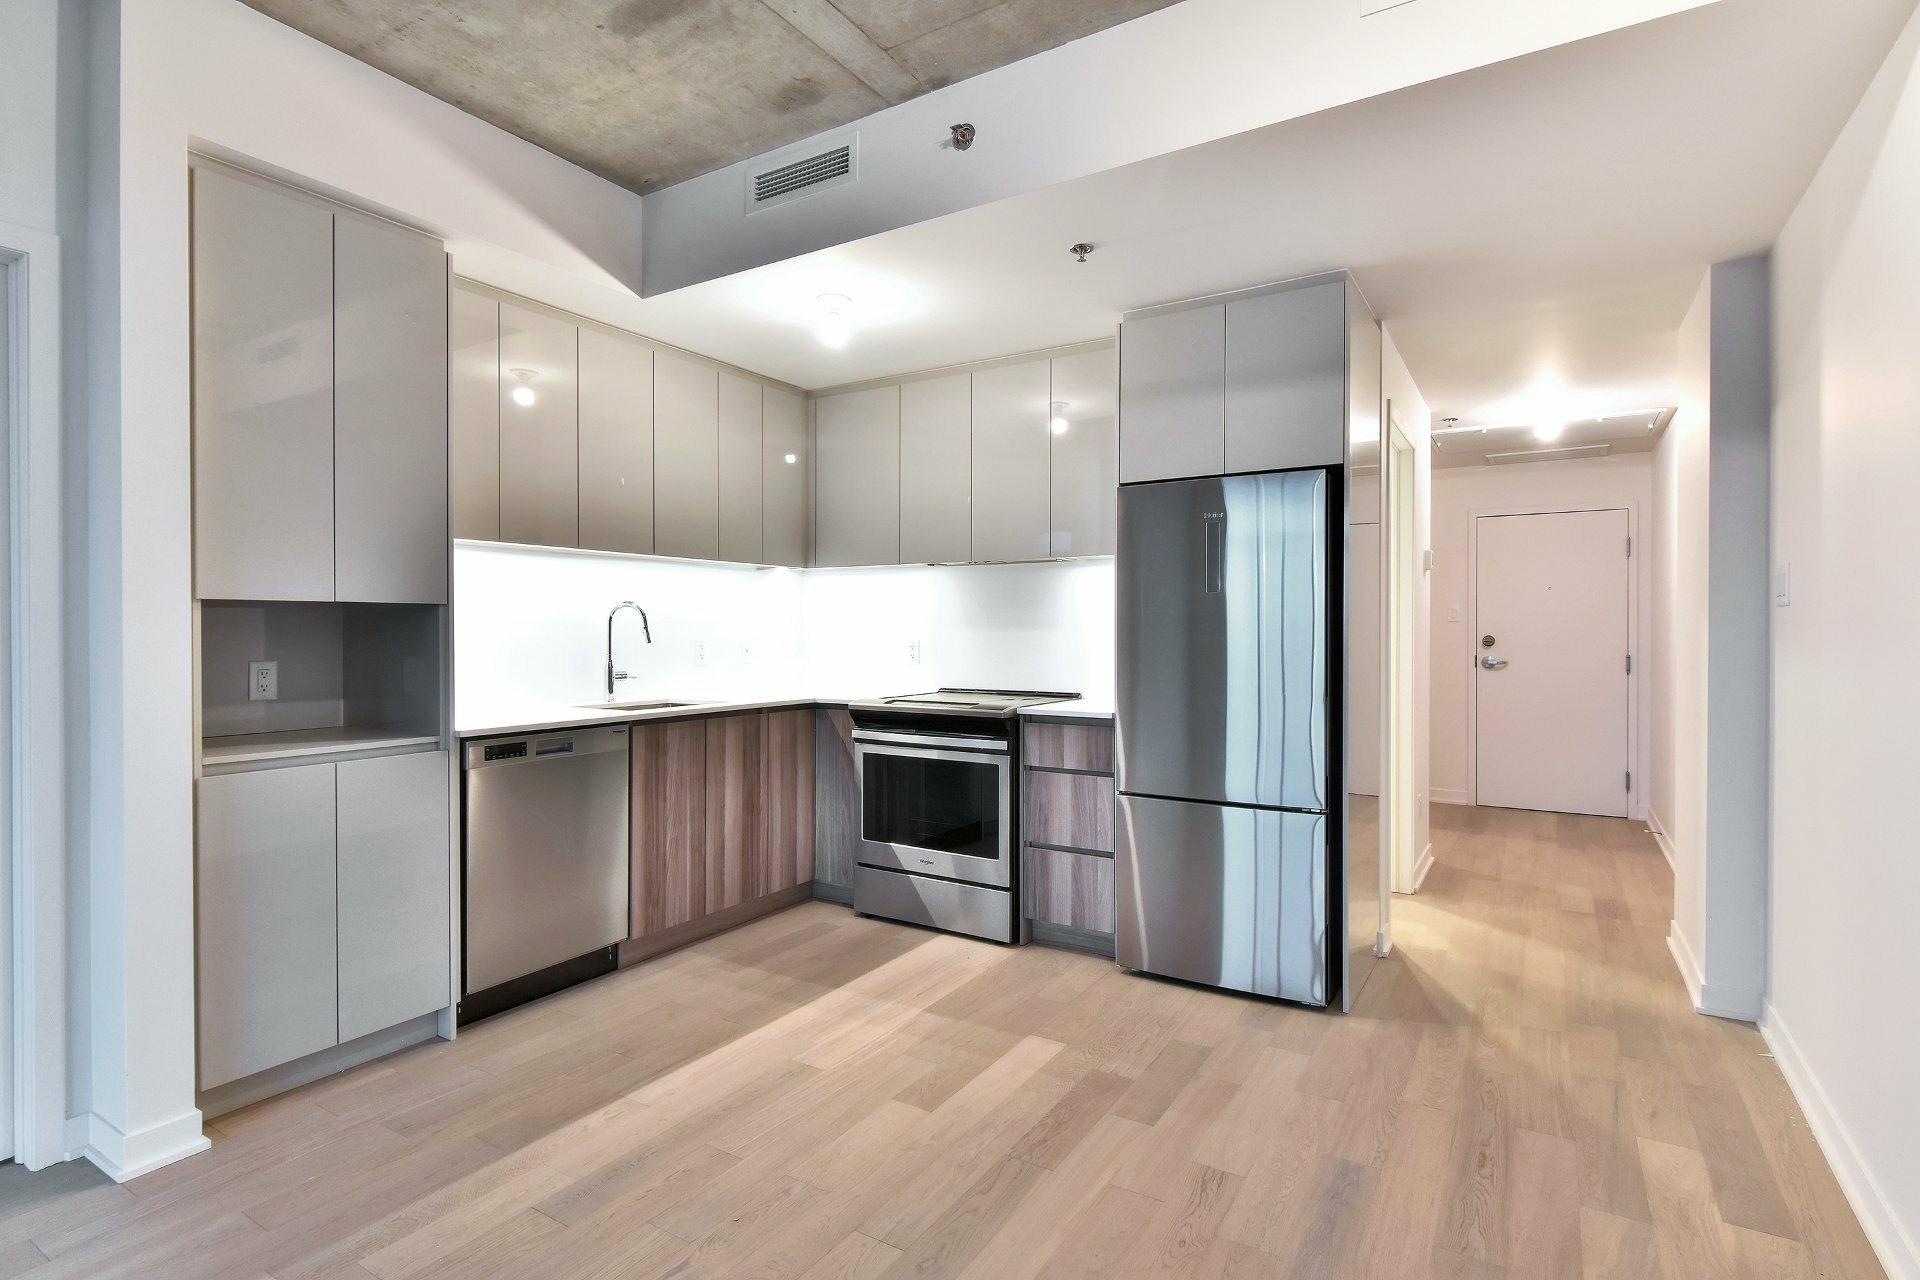 image 2 - Appartement À louer Brossard - 4 pièces